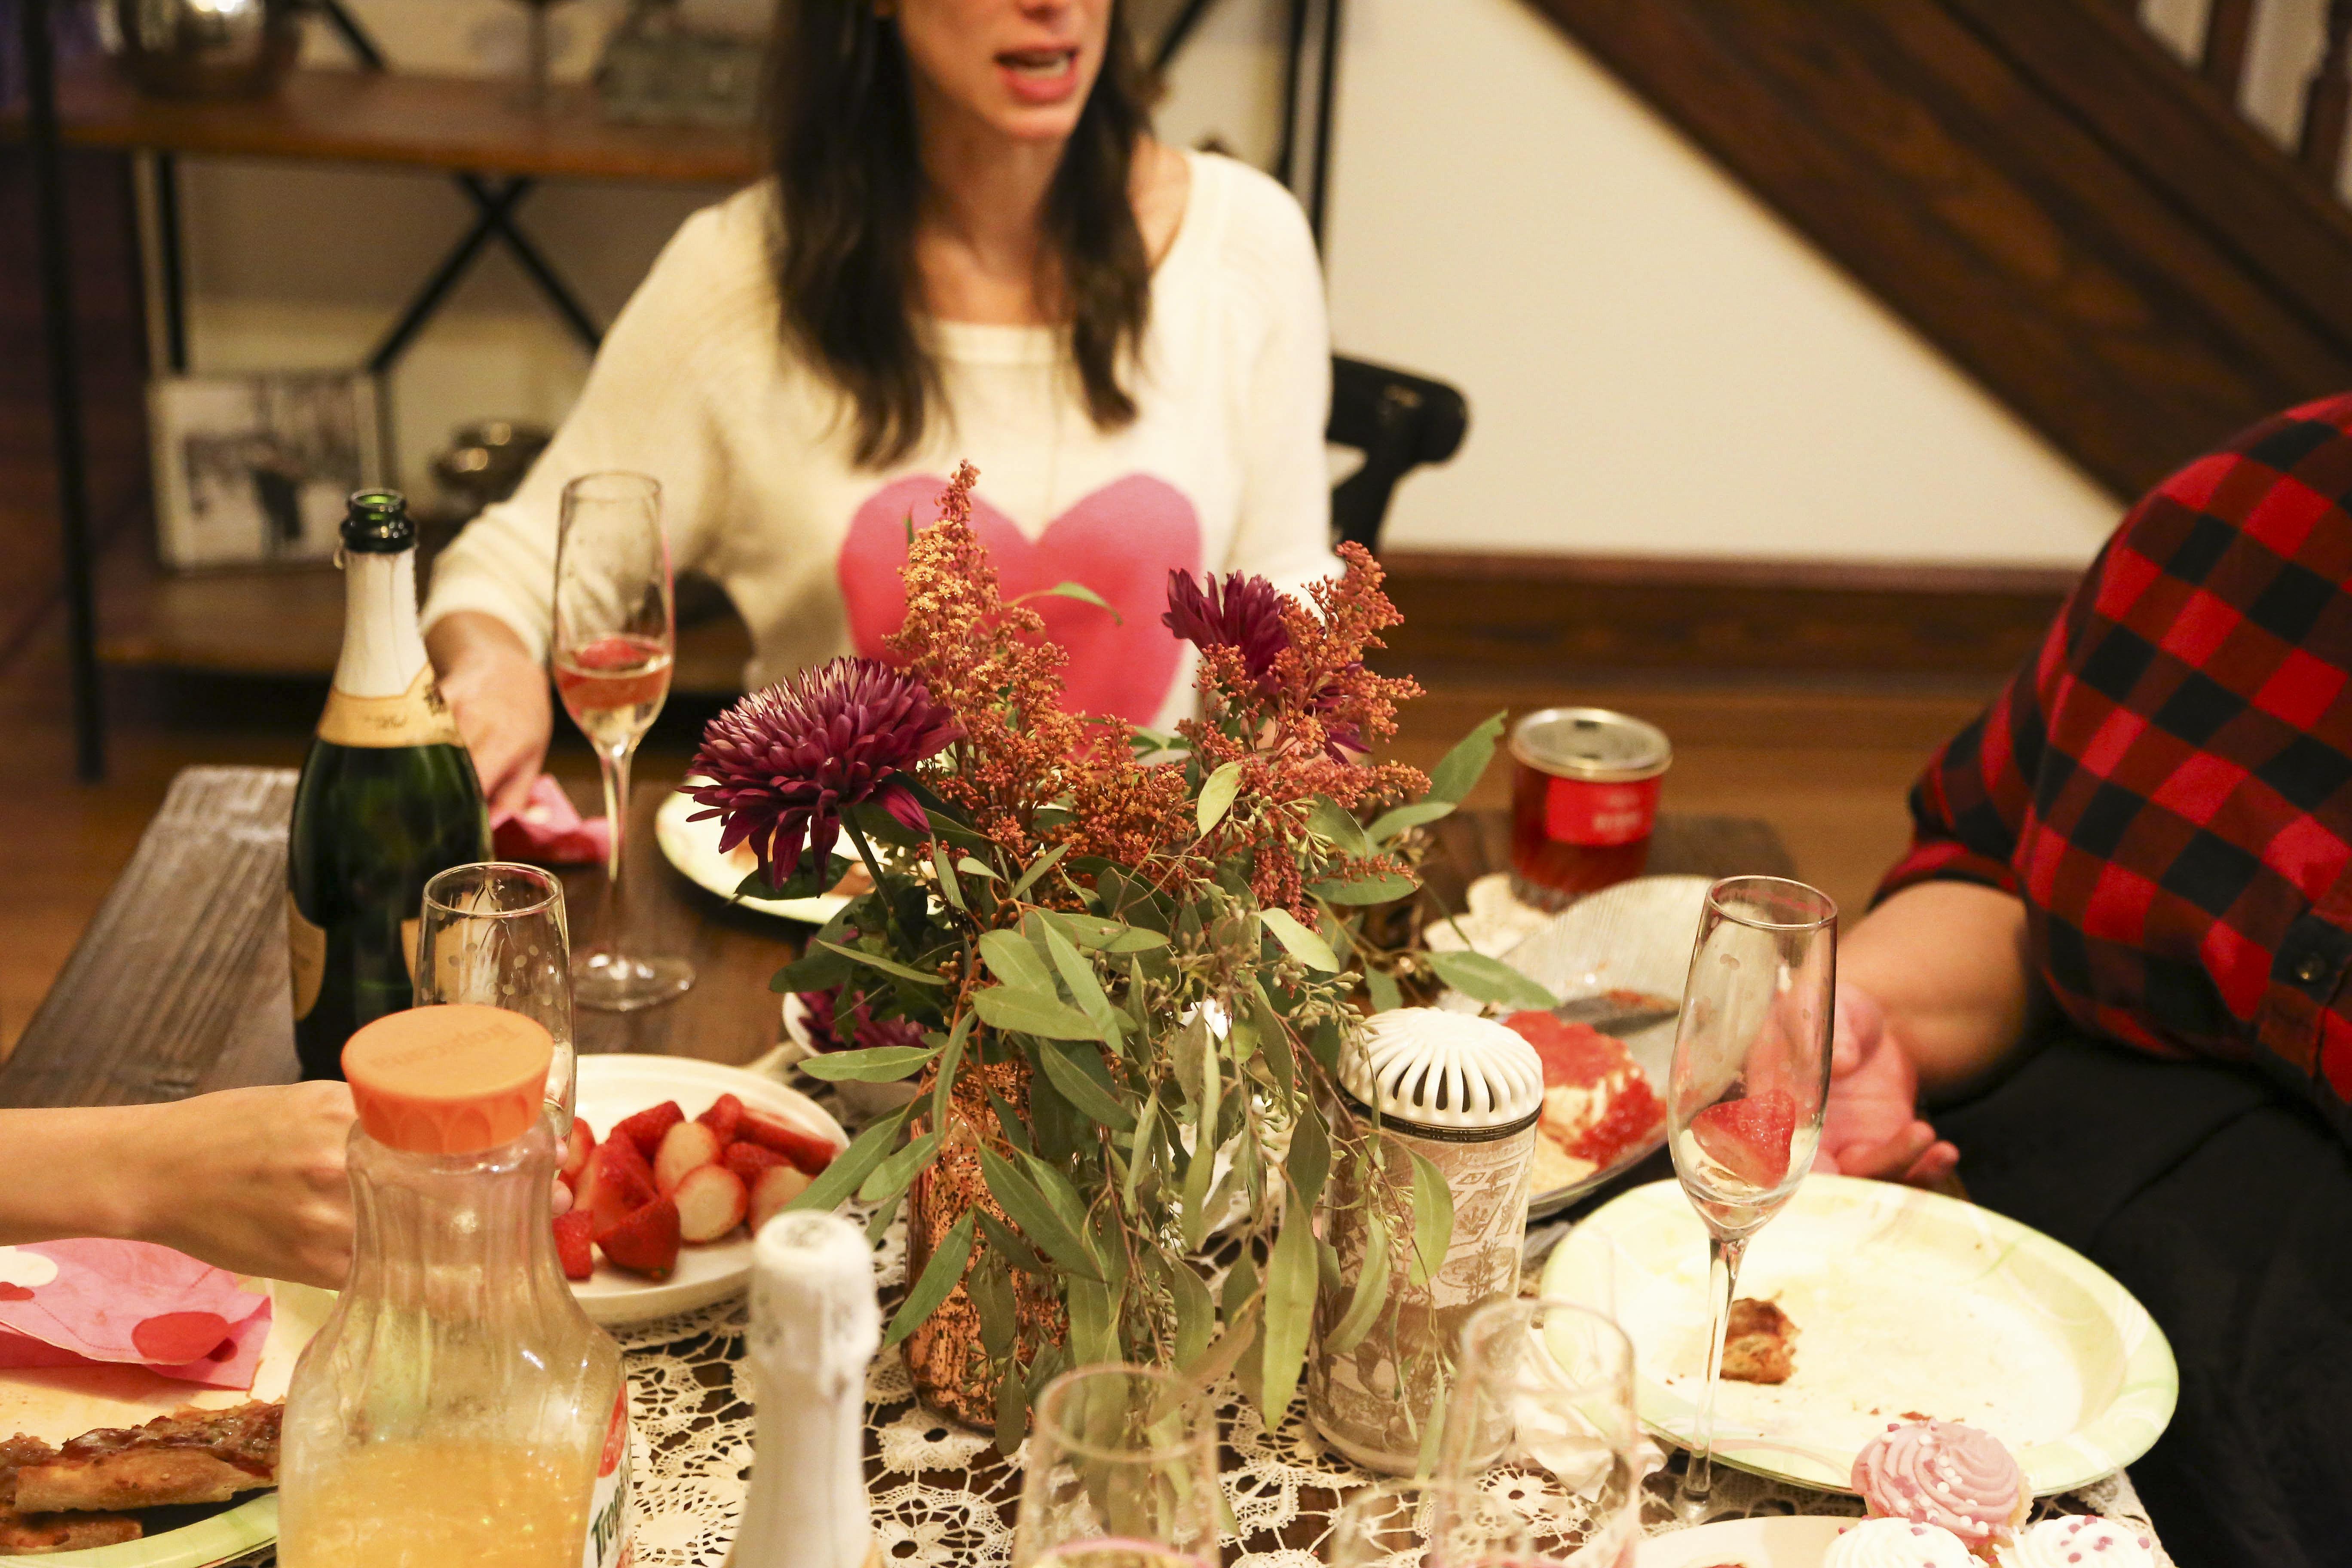 Valentine's Day flower arrangement // Nations Photo Lab Galentine's Day party